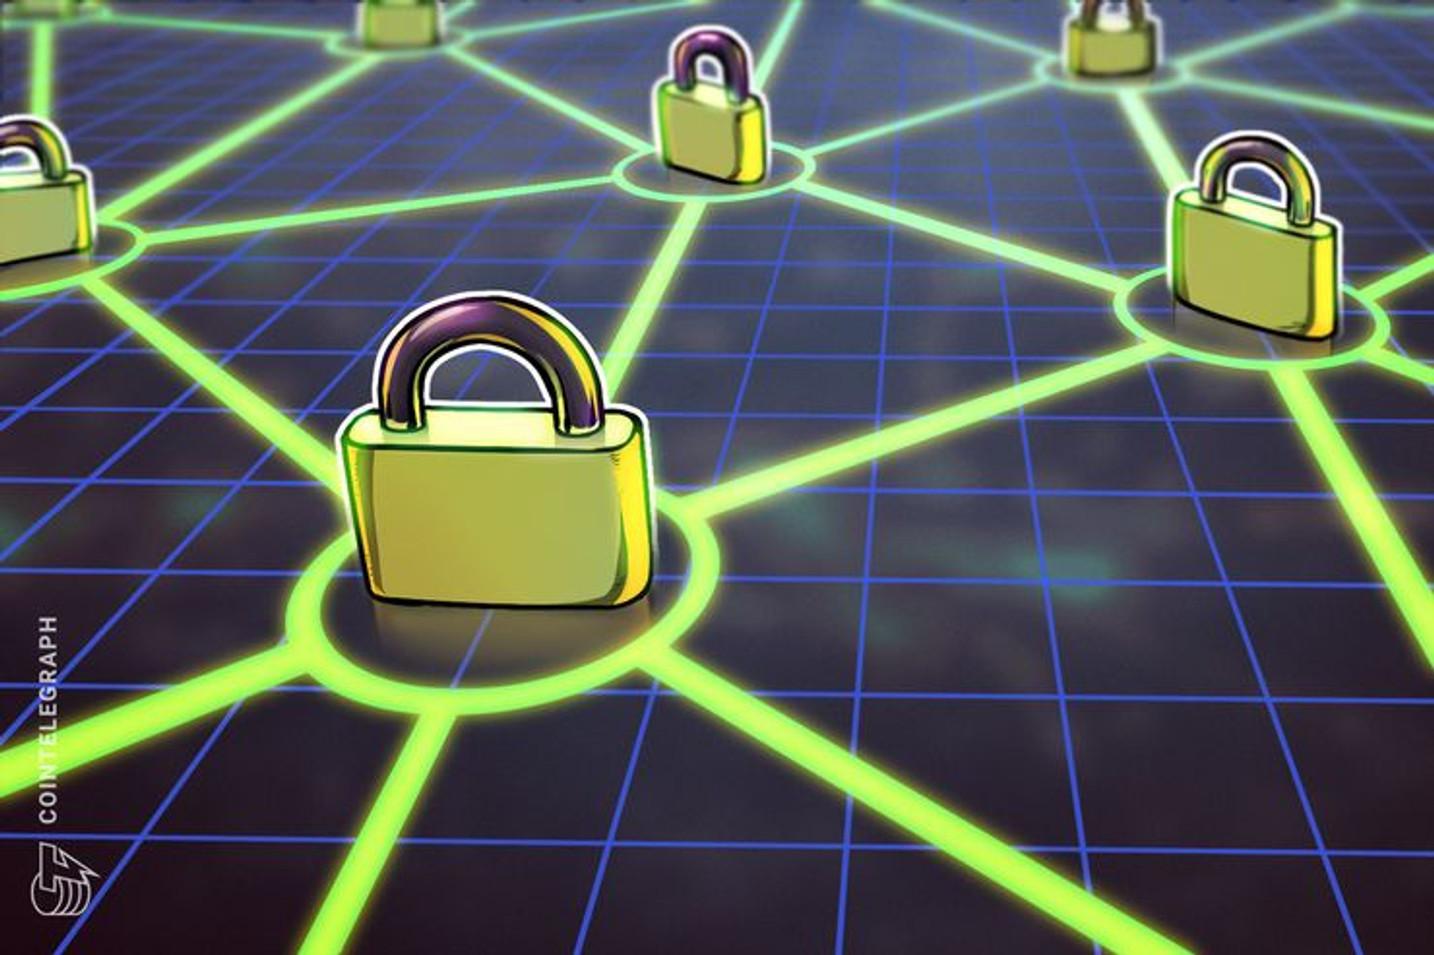 La firma Acronis utiliza tecnología blockchain para protección de datos